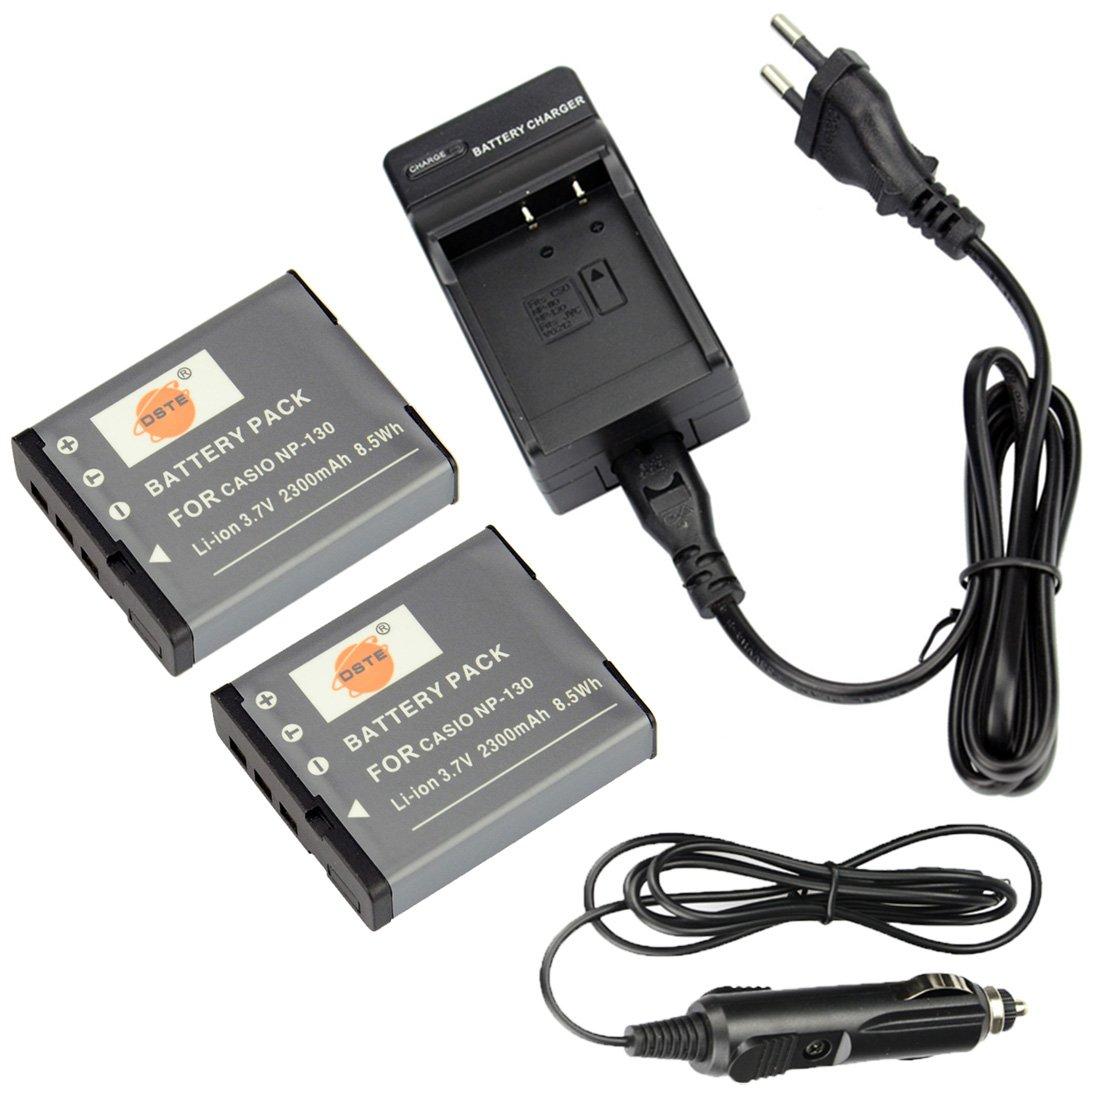 ex-zr800 ex-zr710 Batería np-130 CARGADOR para Casio Exilim ex-zr700